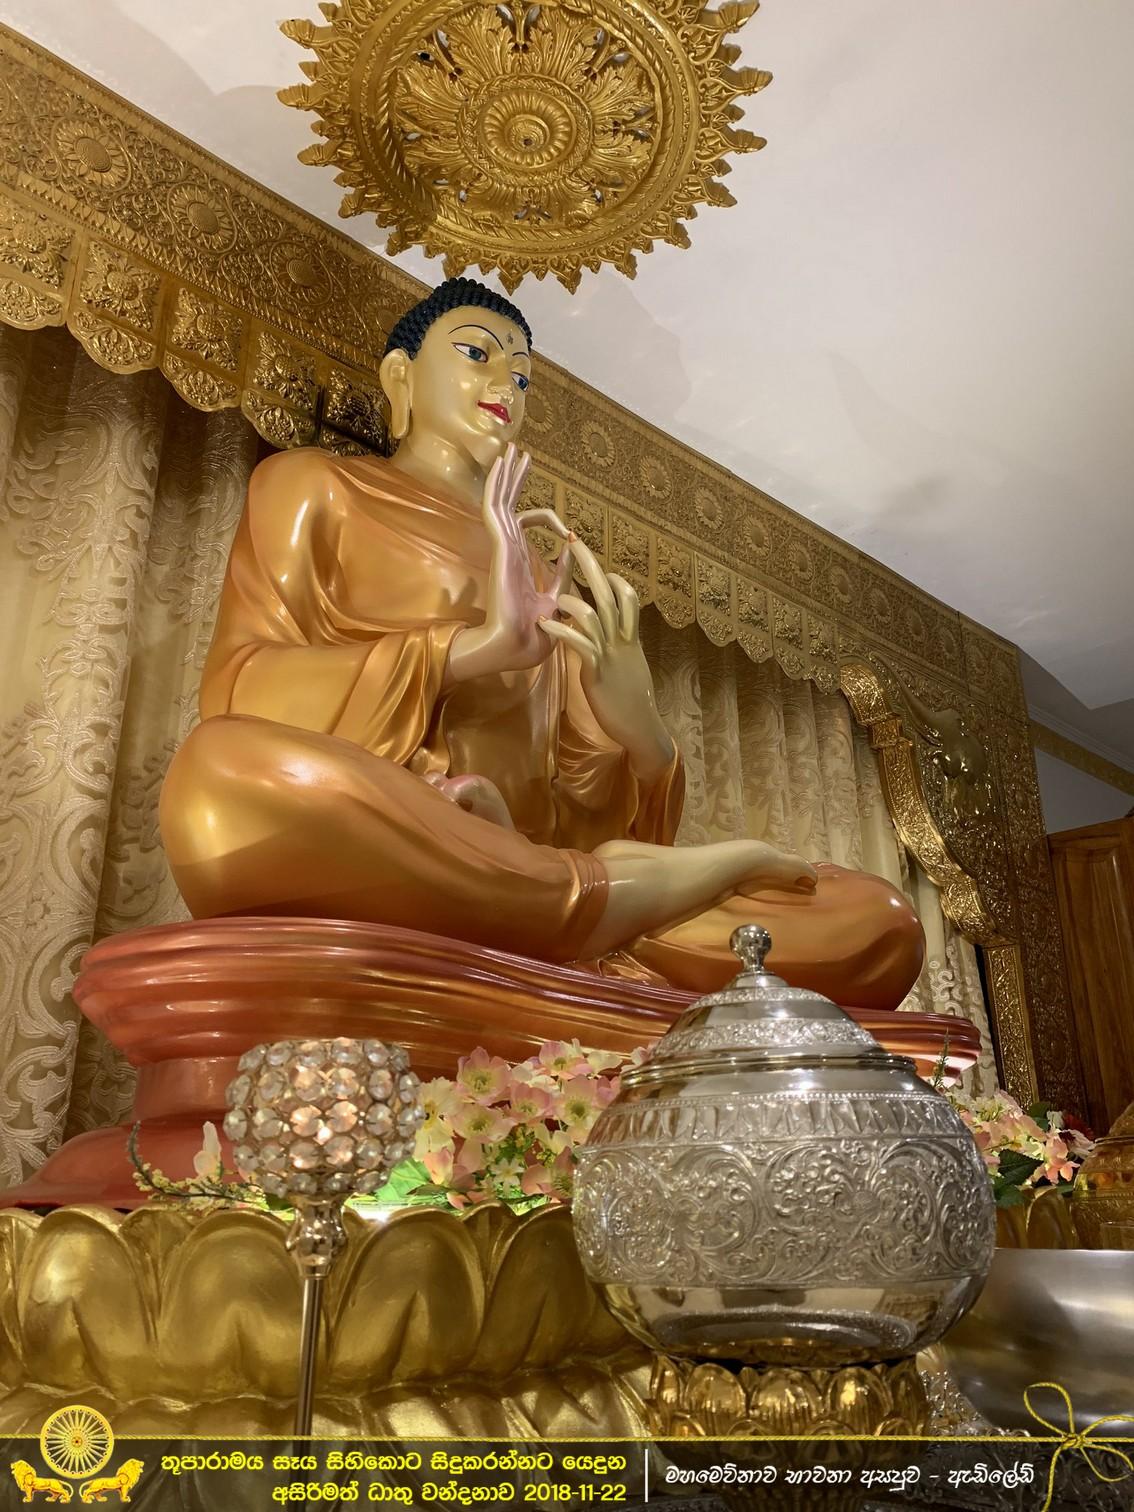 Thuparama014